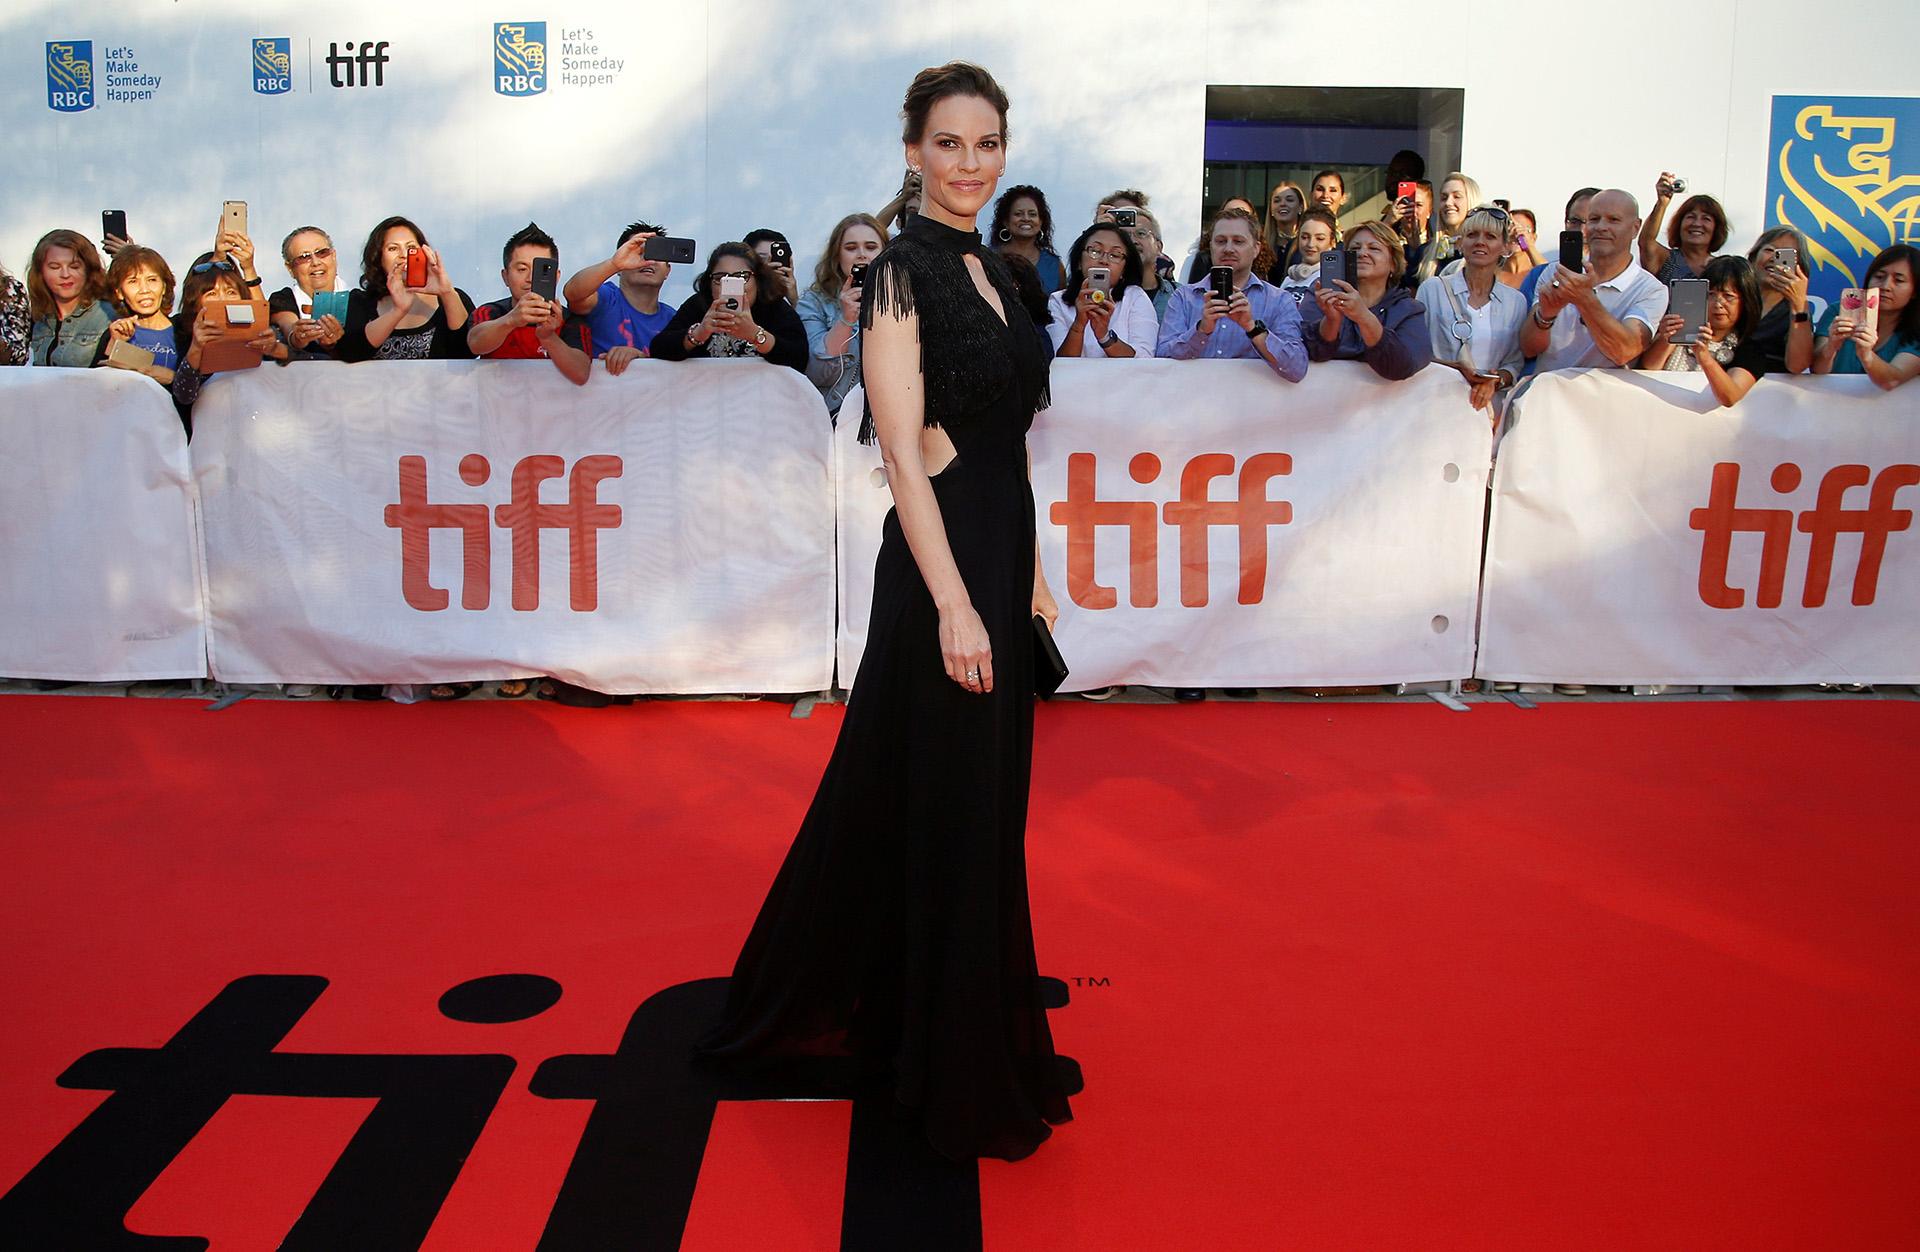 La natural elegancia de Hilary Swank con un vestido de gala negro